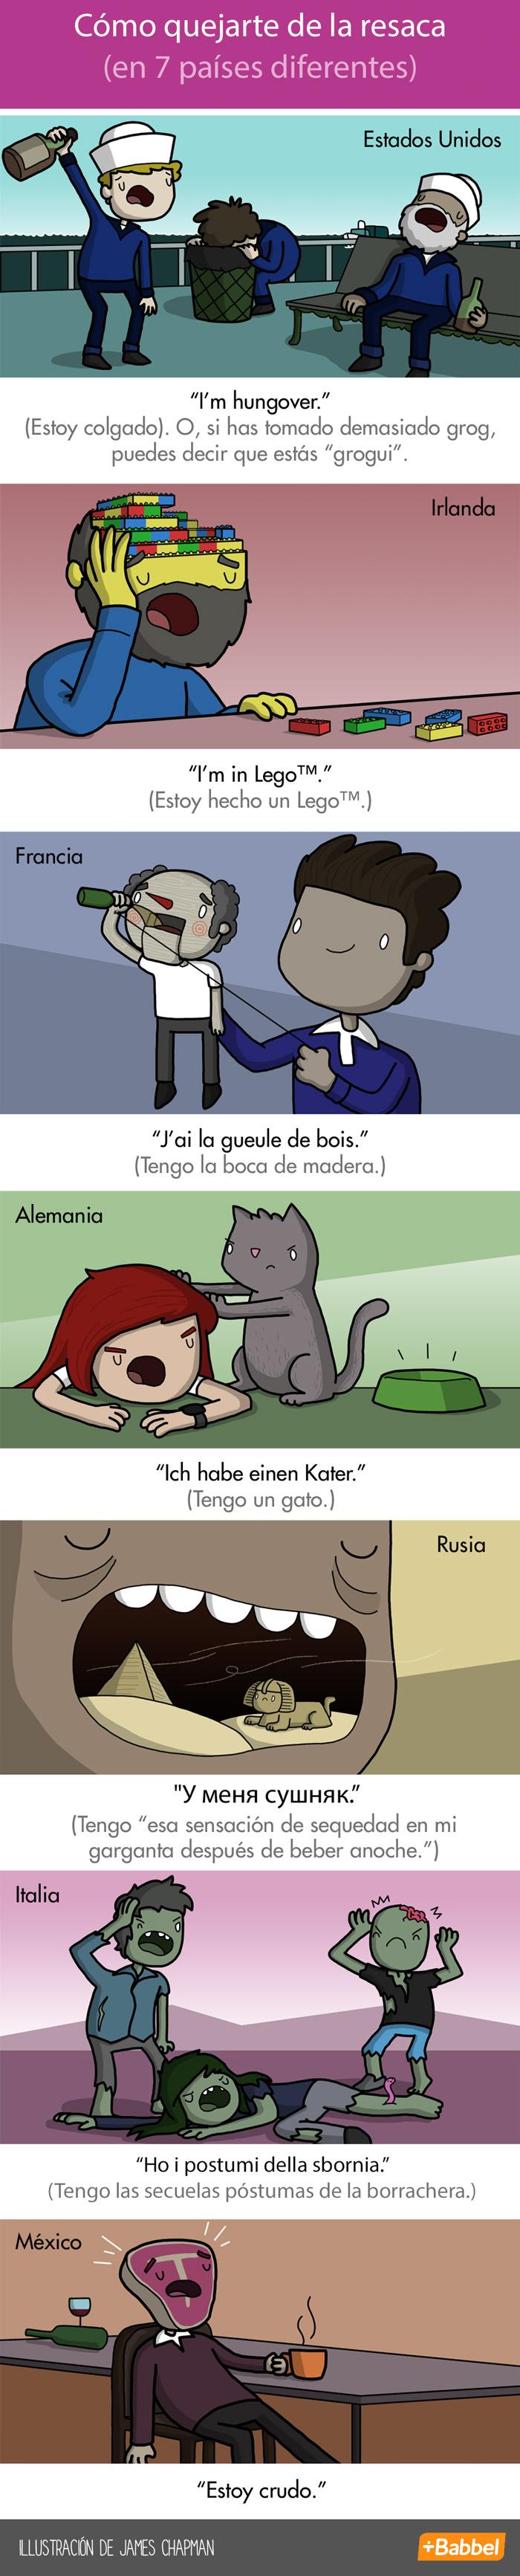 Cómo curar la resaca en diferentes países y en diferentes idiomas